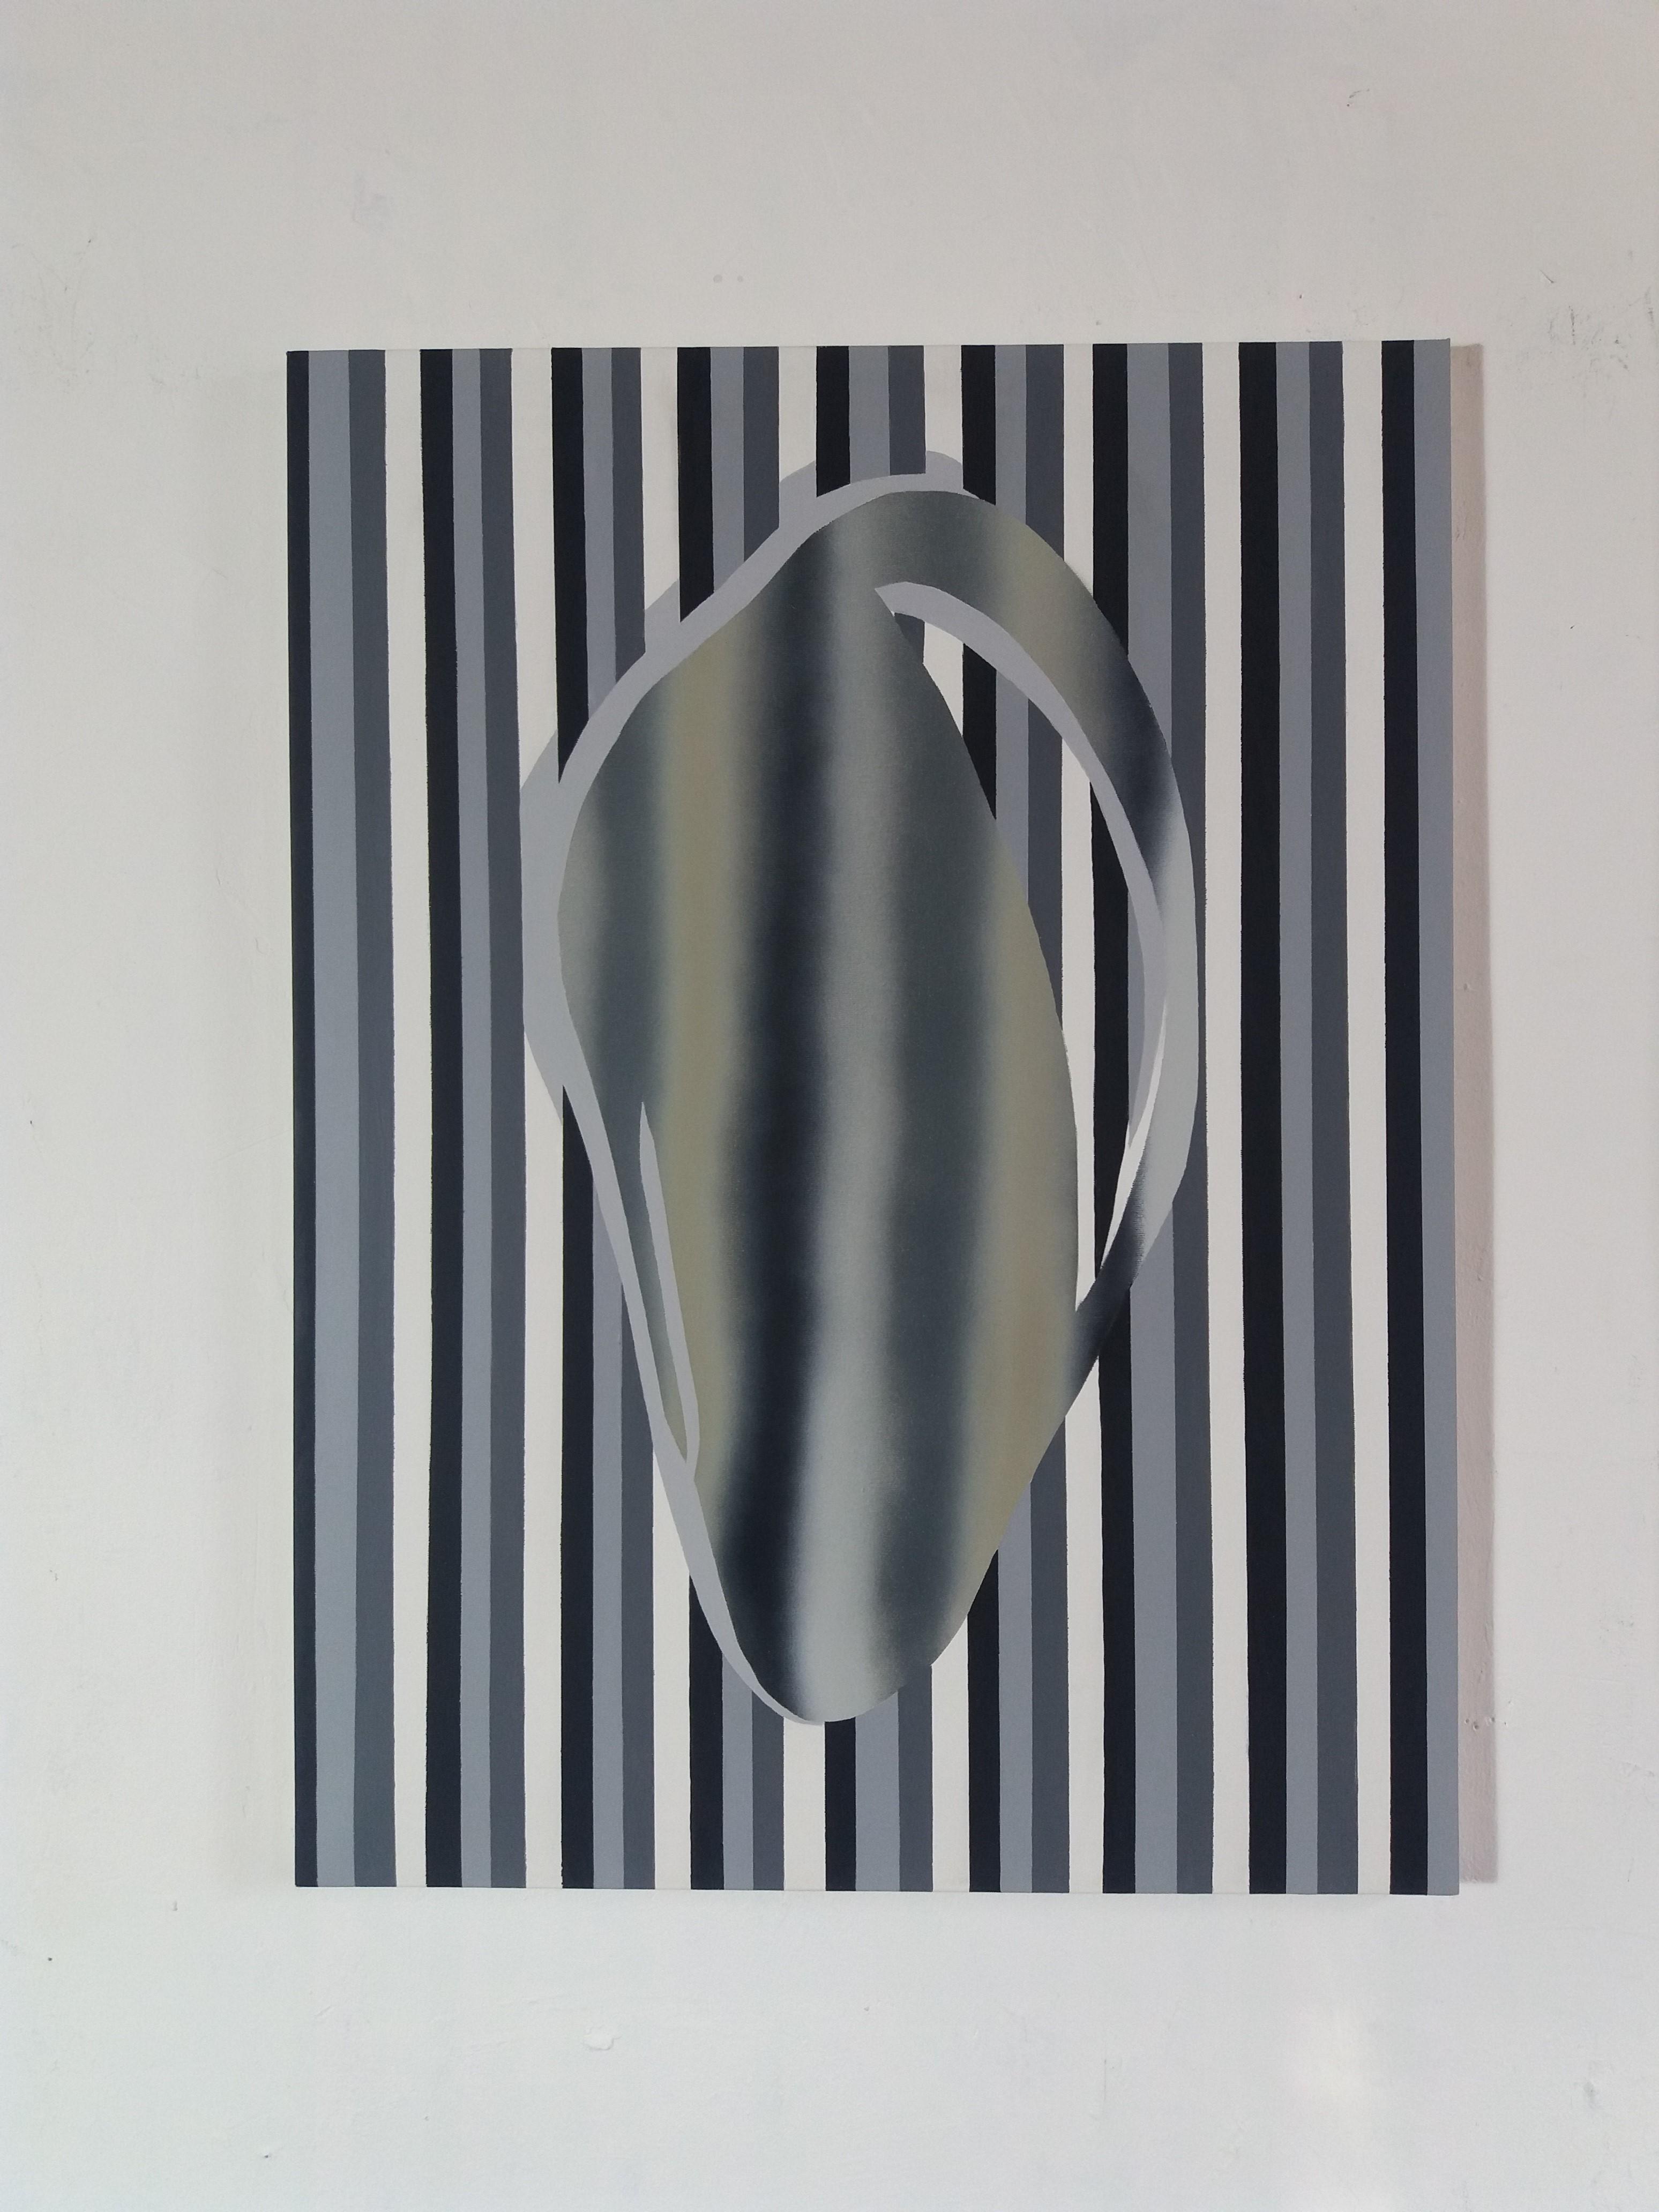 Fókusztalan 2017 akril,vászon 80x60cm